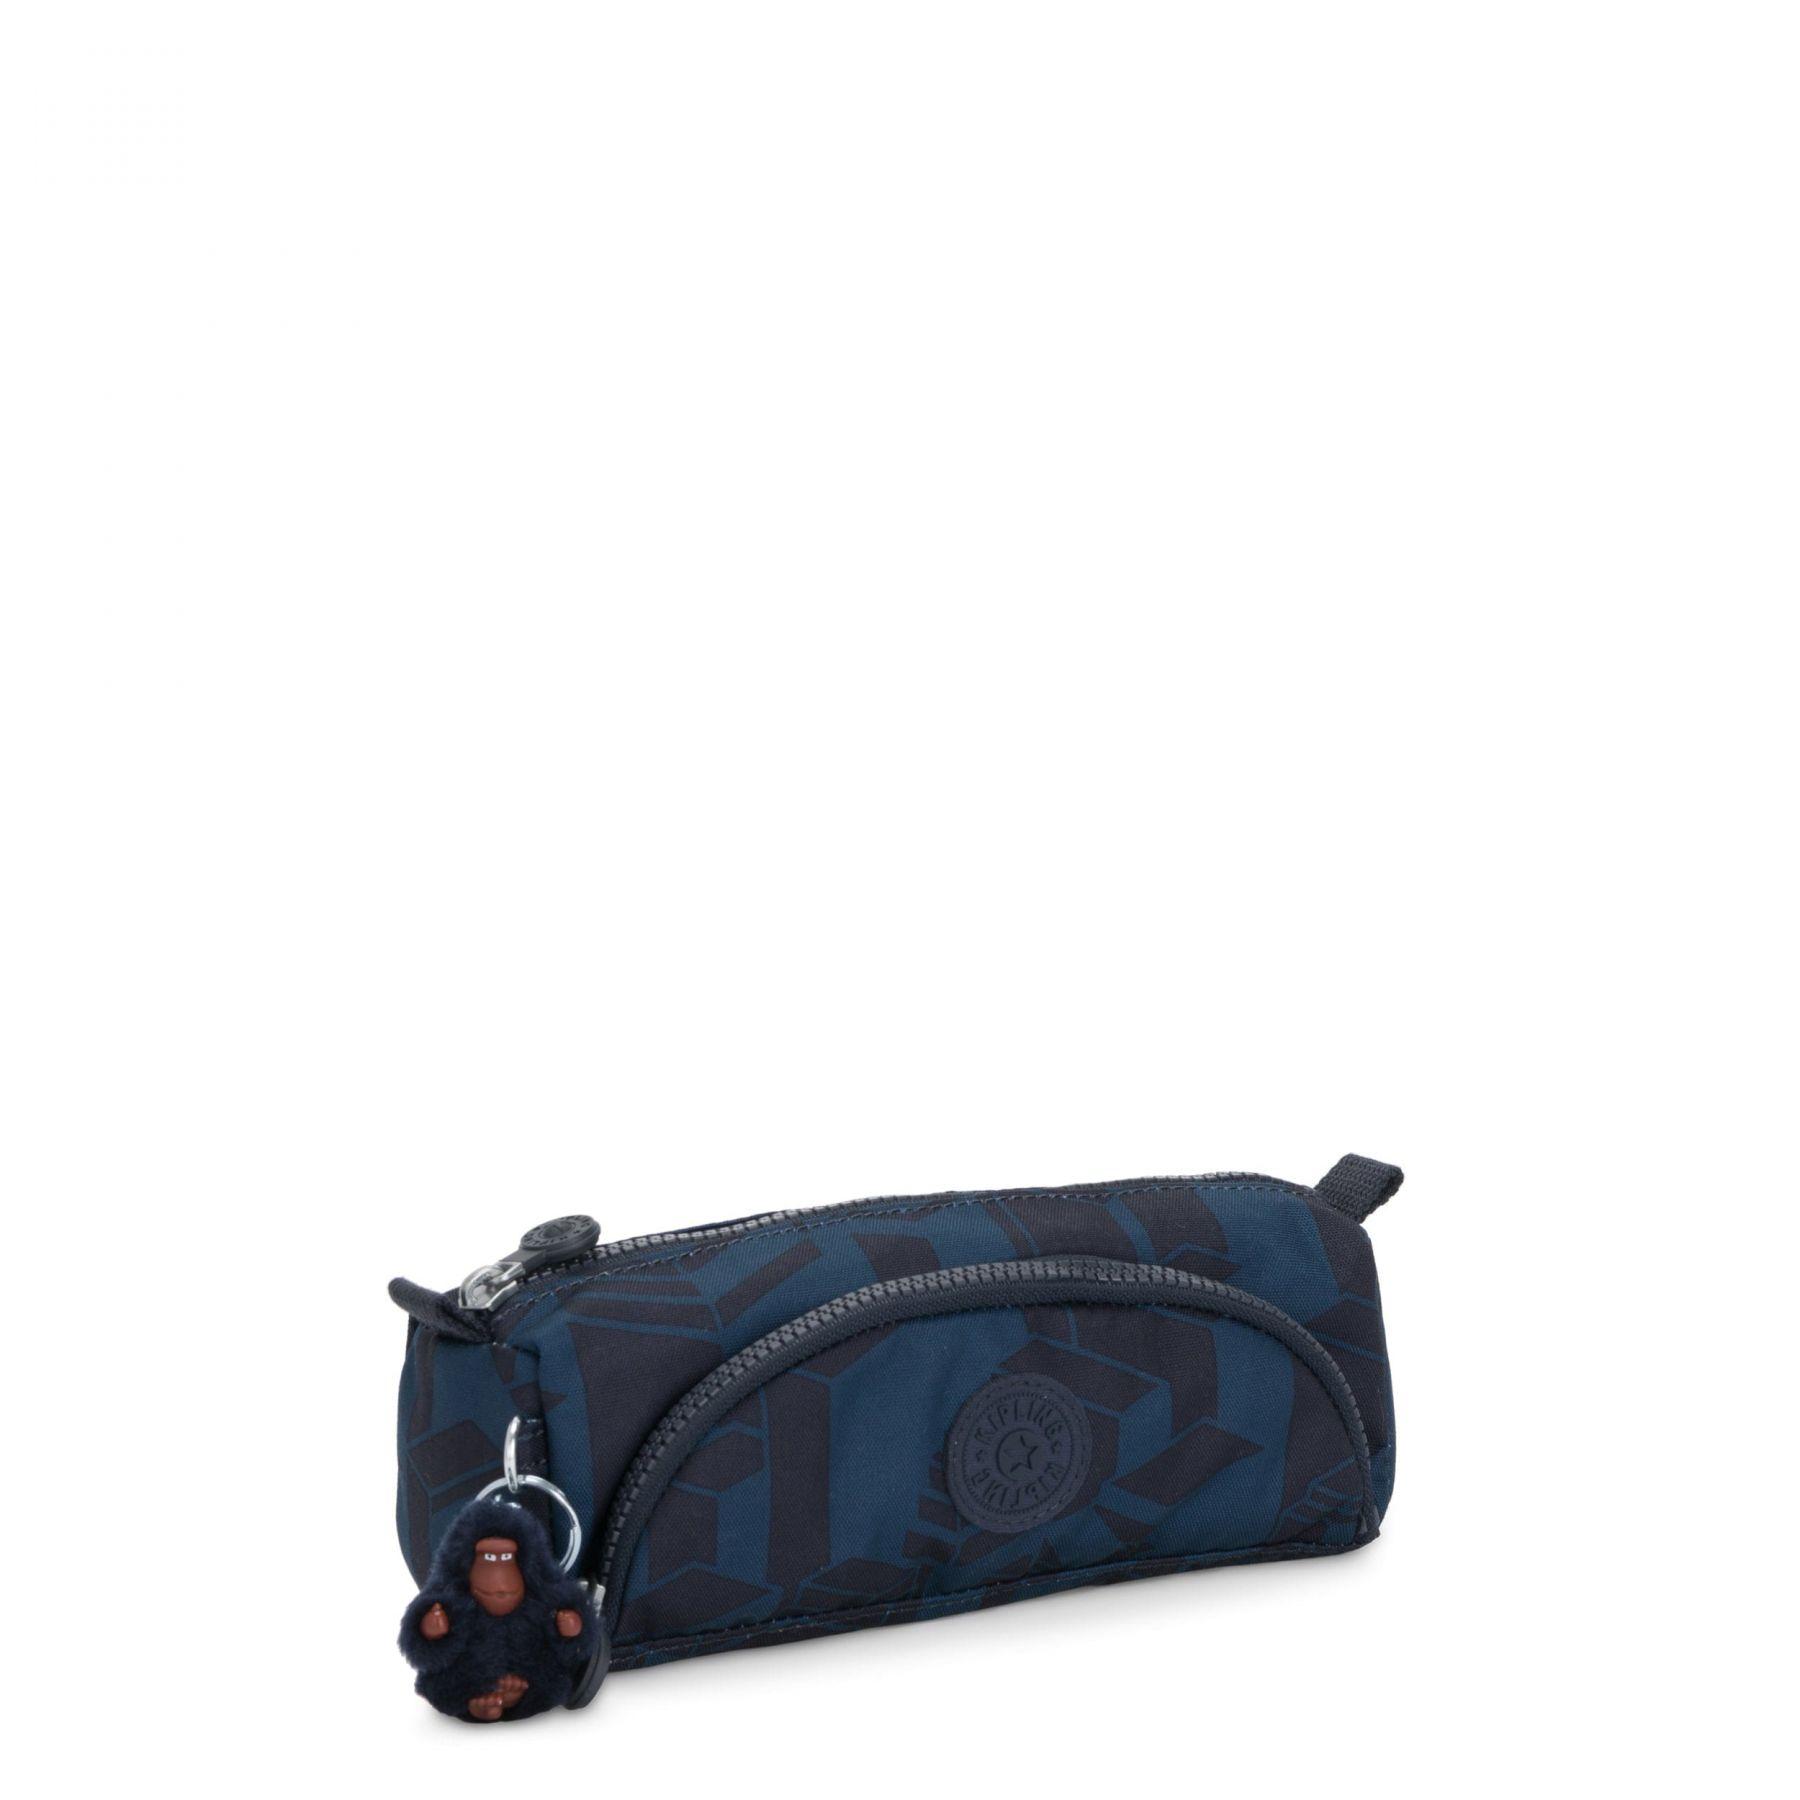 CUTE SCHOOL BAGS by Kipling